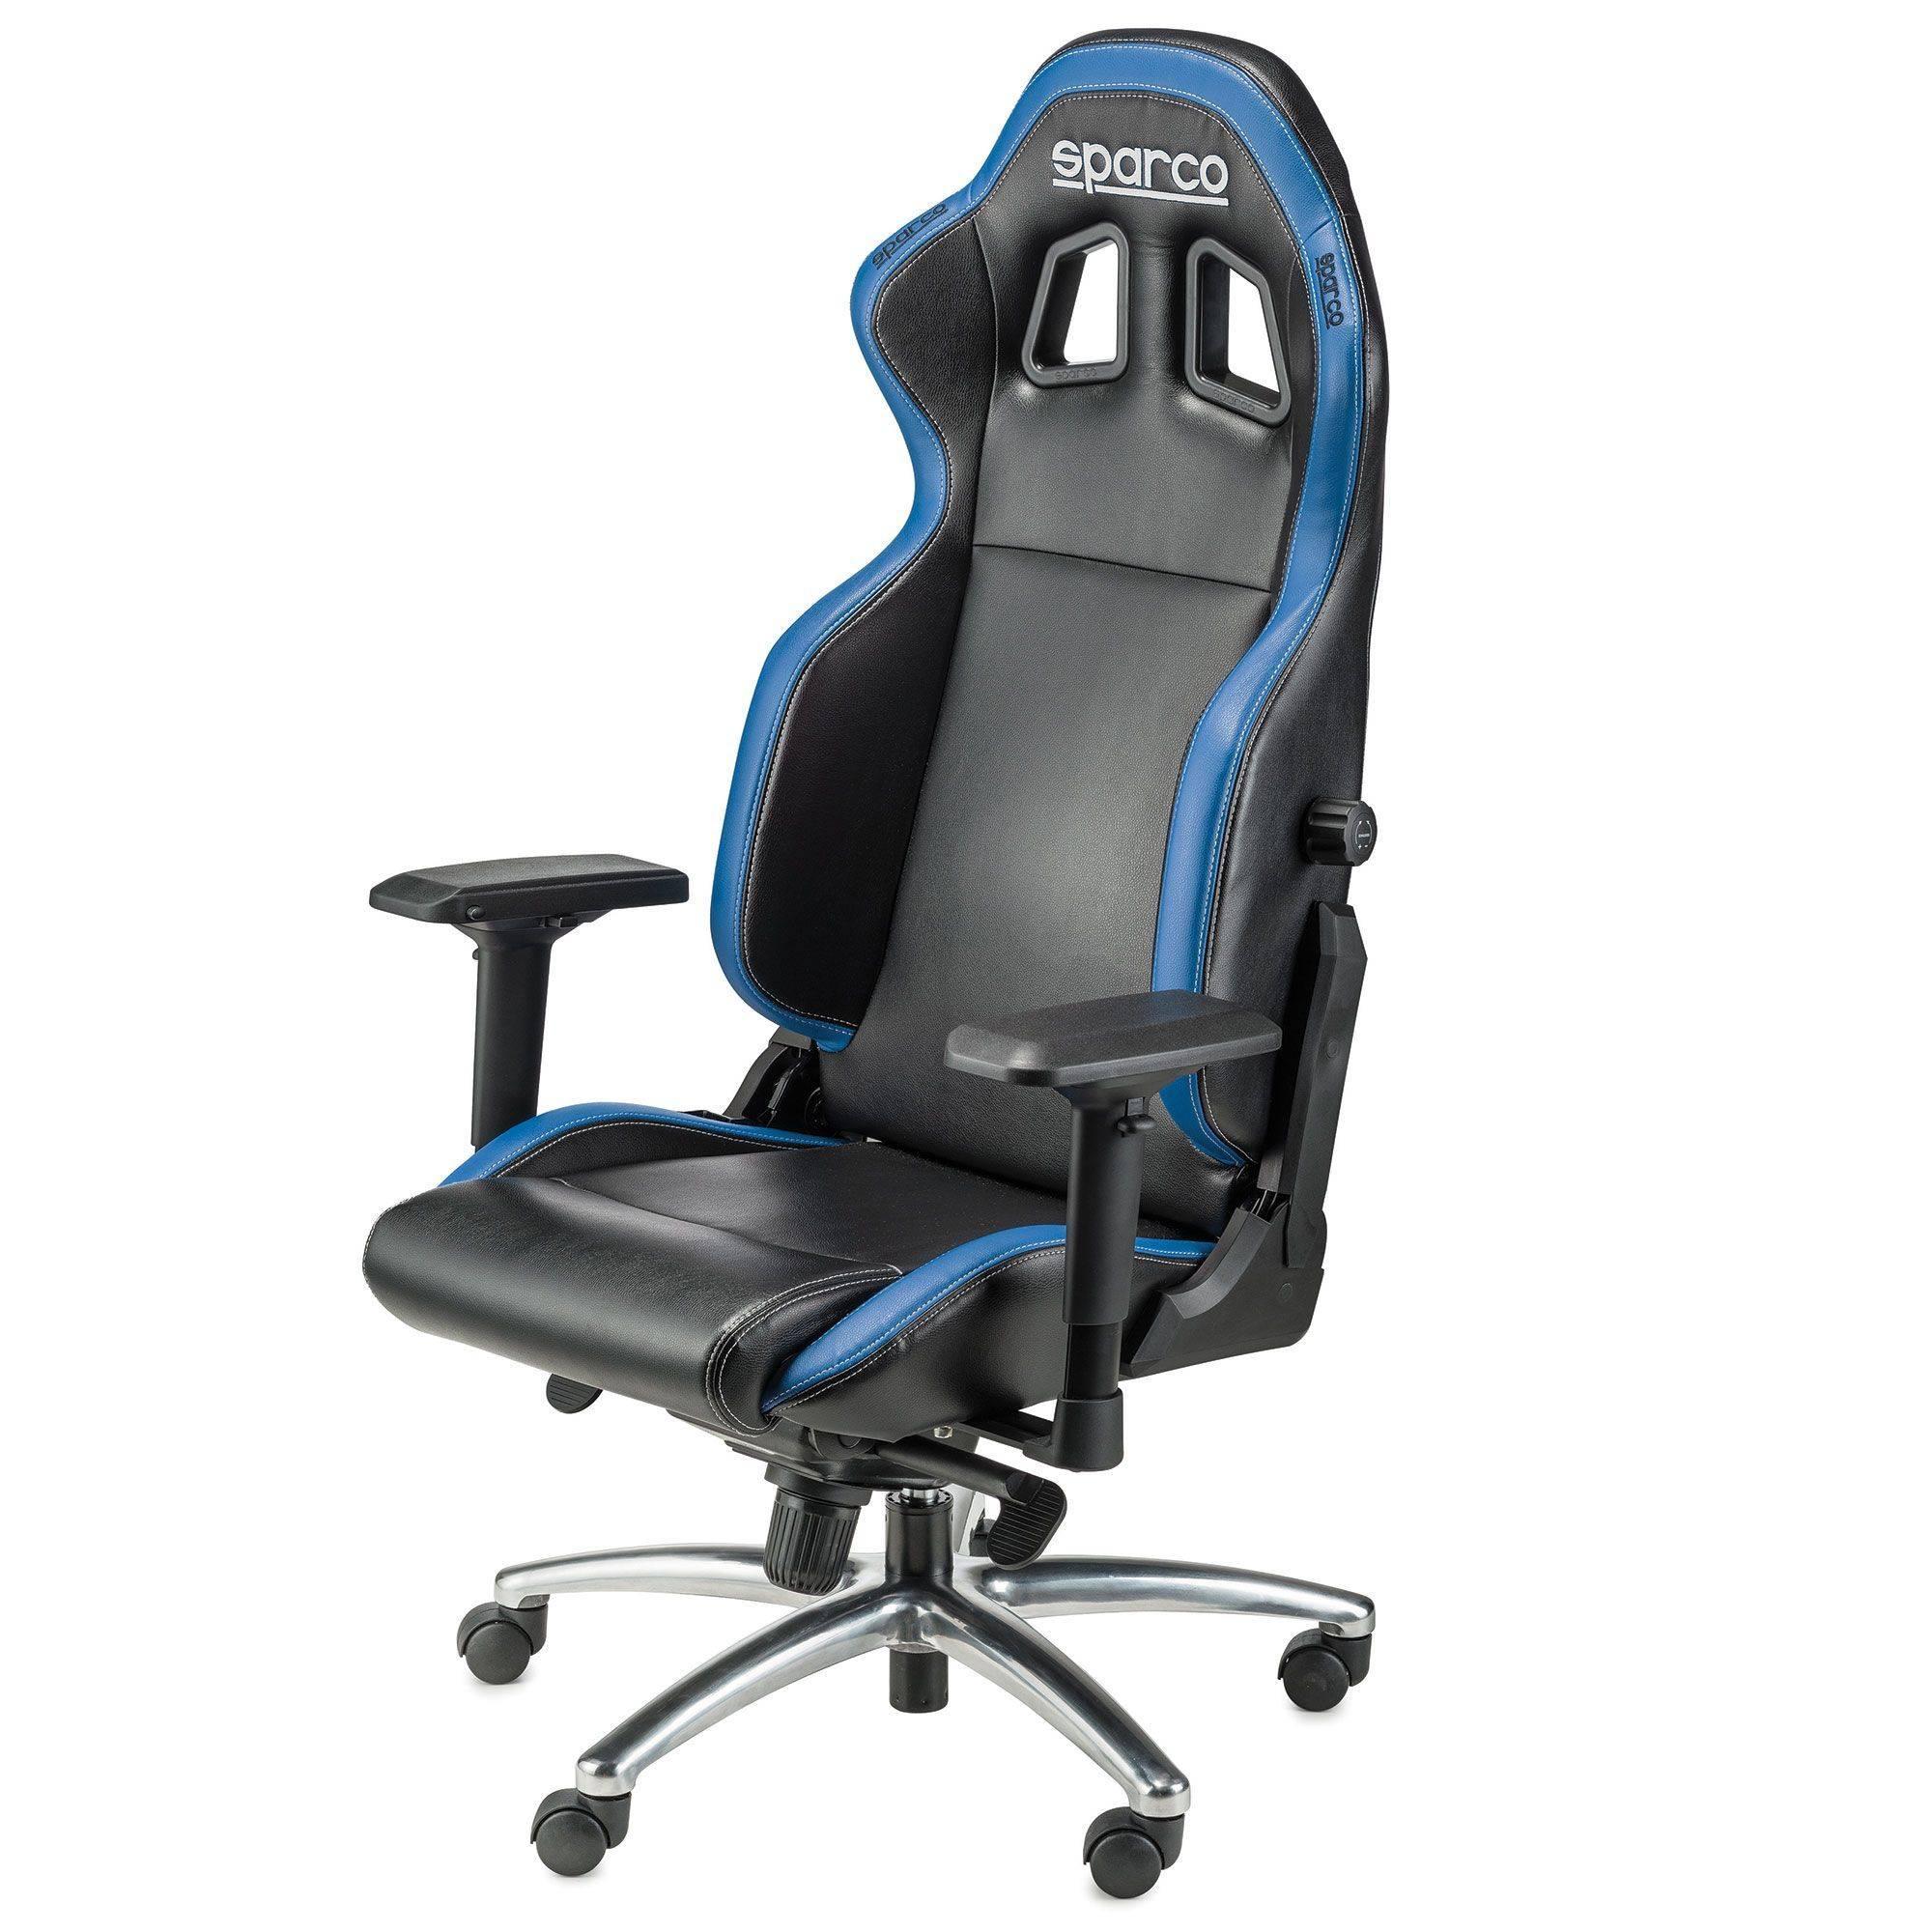 Sedia Poltrona Da Ufficio Sparco R100s Nero Azzurro Sedile Sportivo In Pelle